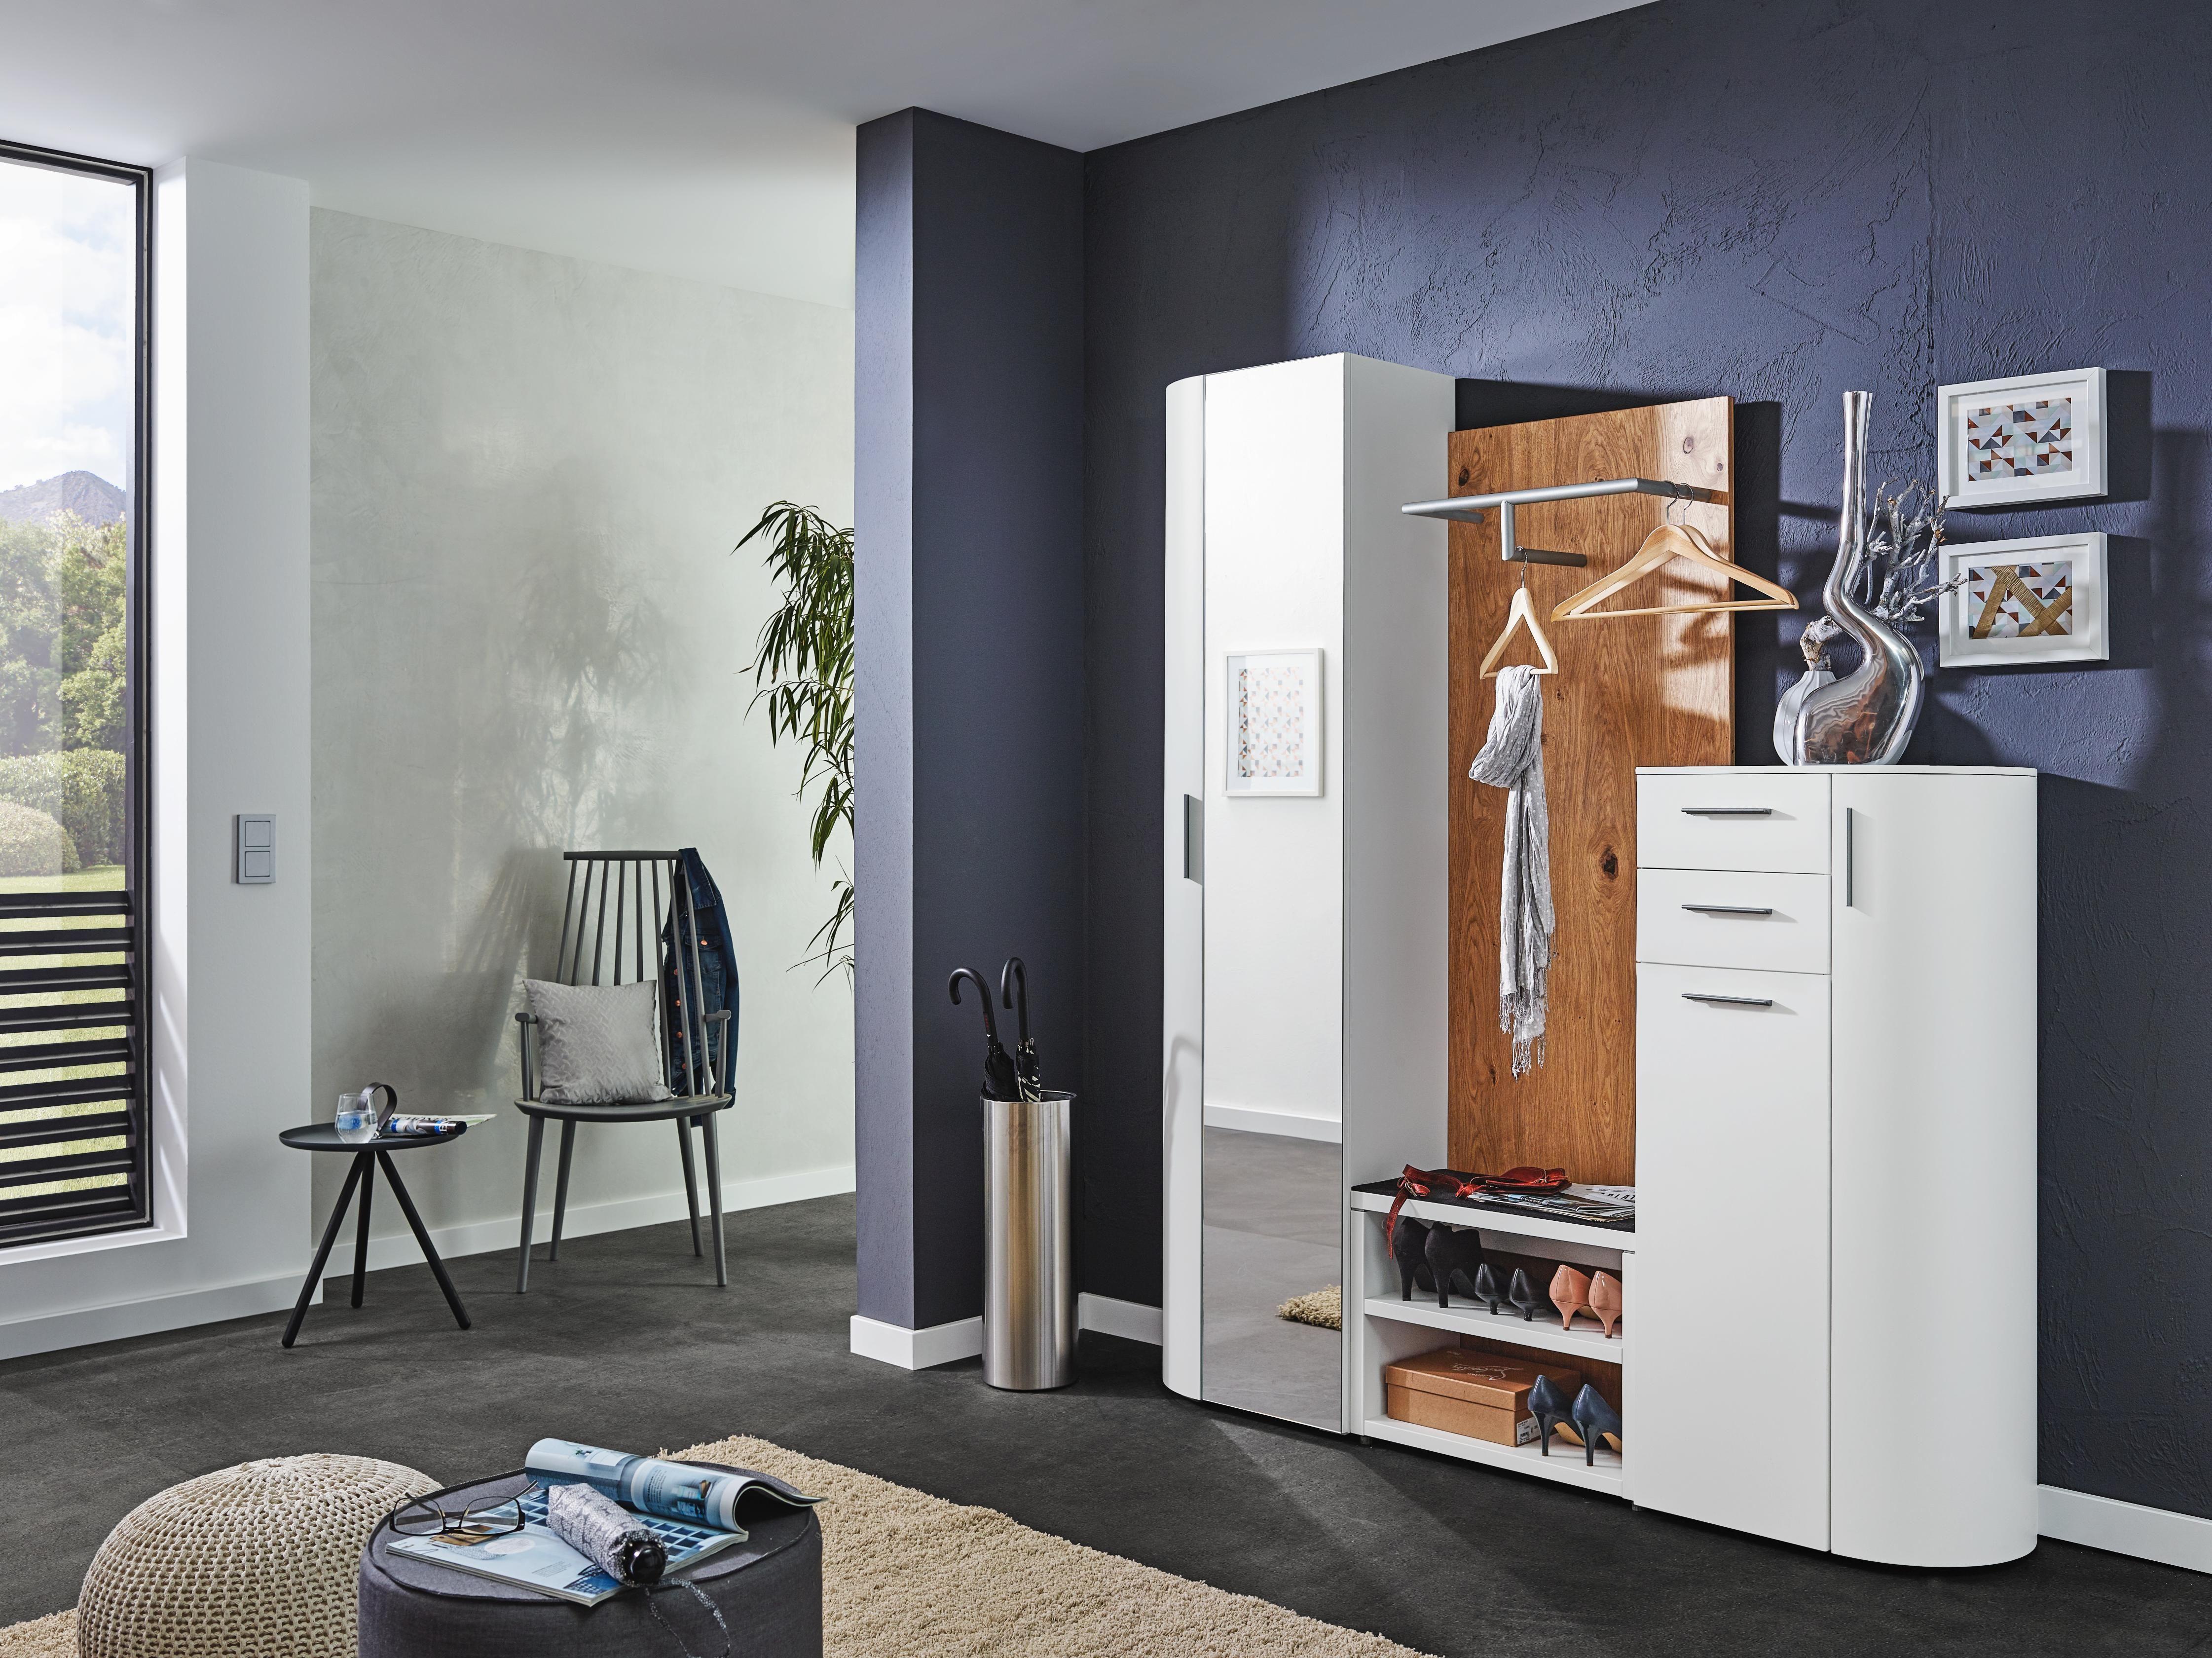 garderoben mbel interesting sudbrock mbel affordable sinus flexibles regalsystem fr dachausbau. Black Bedroom Furniture Sets. Home Design Ideas